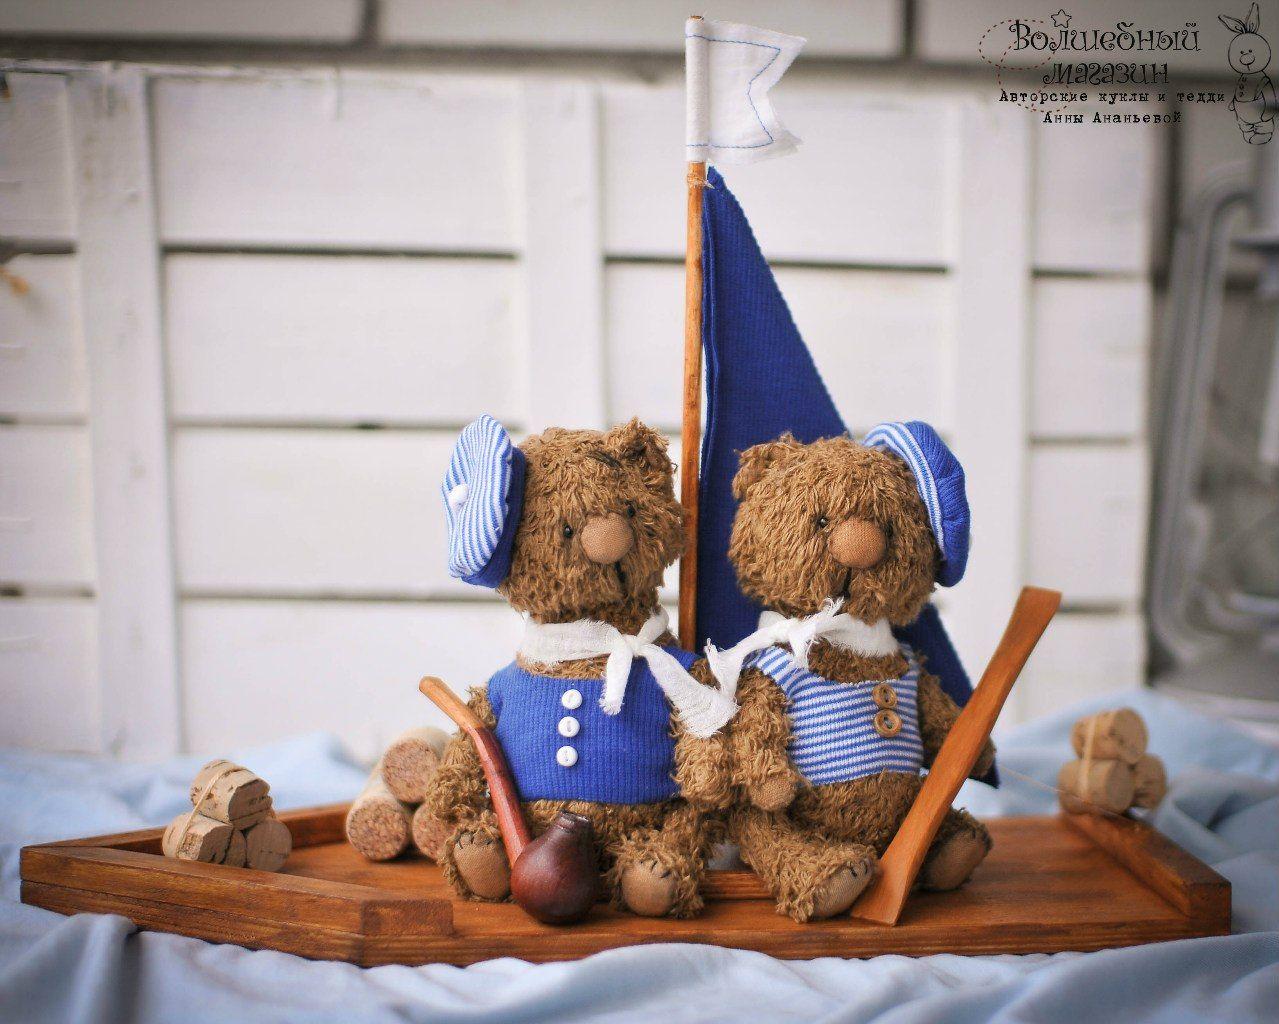 Фотографії Волшебный магазин-куклы и игрушки ручной работы – 13 альбомів   ВКонтактi